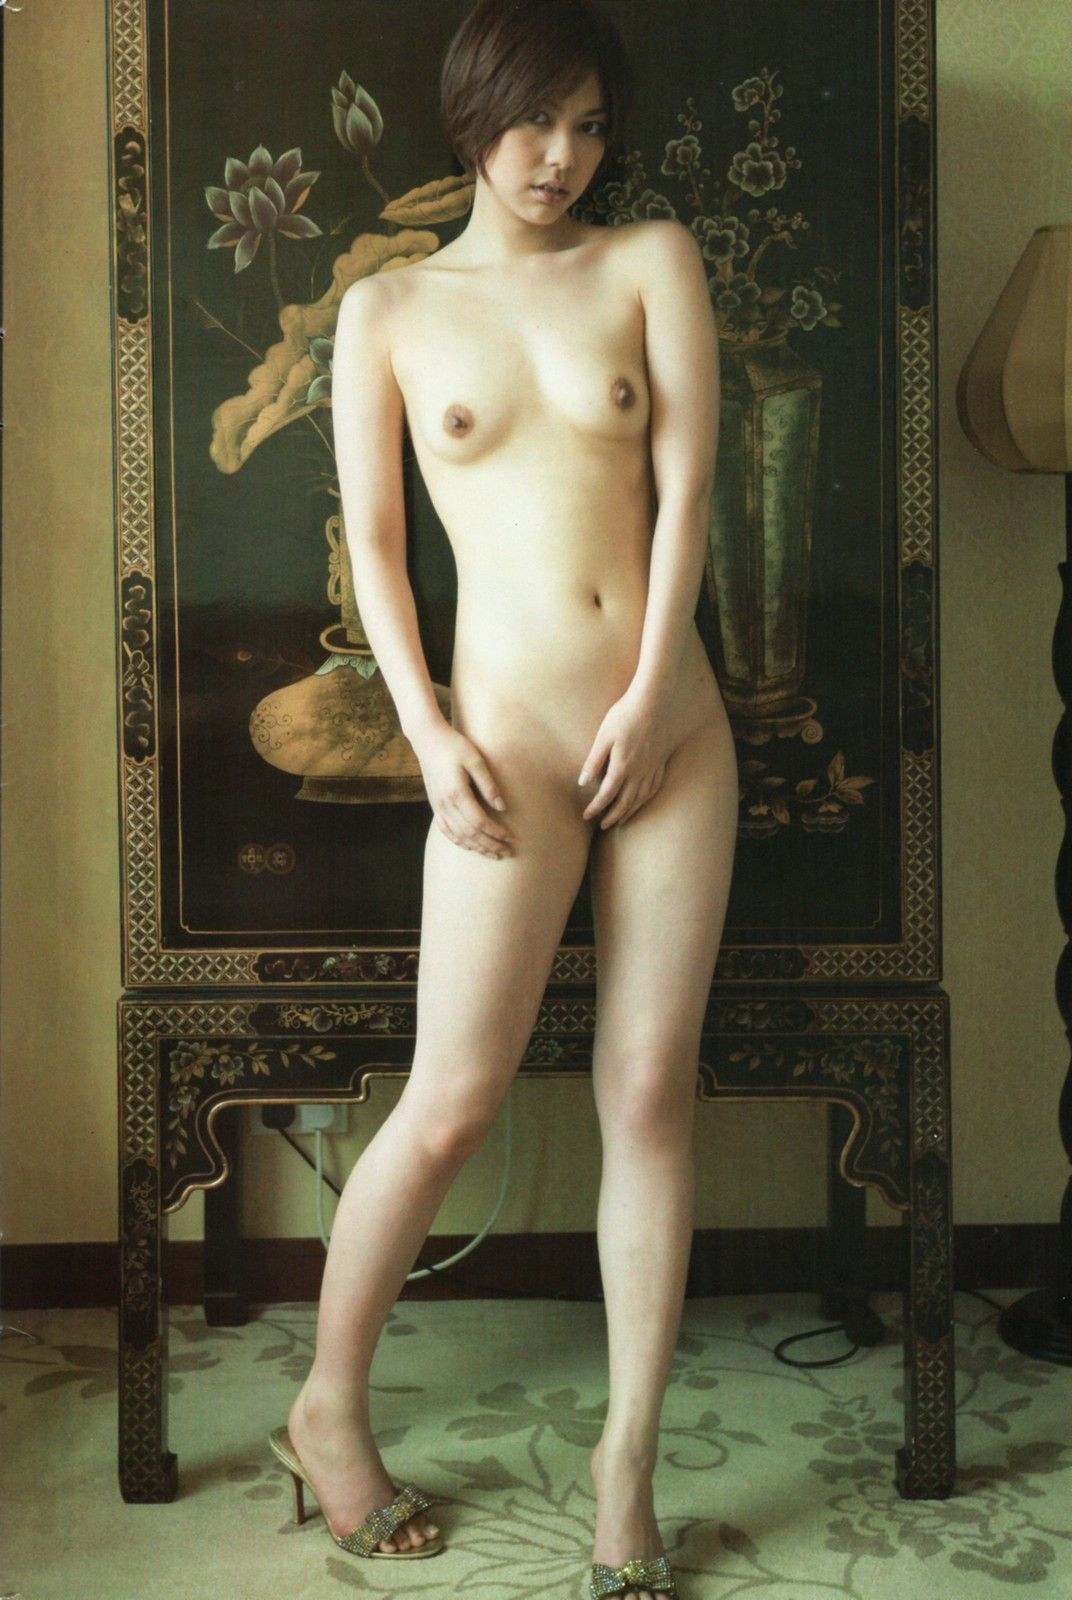 全裸でオマンコ必死に隠してる往生際悪い女のエロ画像32枚・39枚目の画像